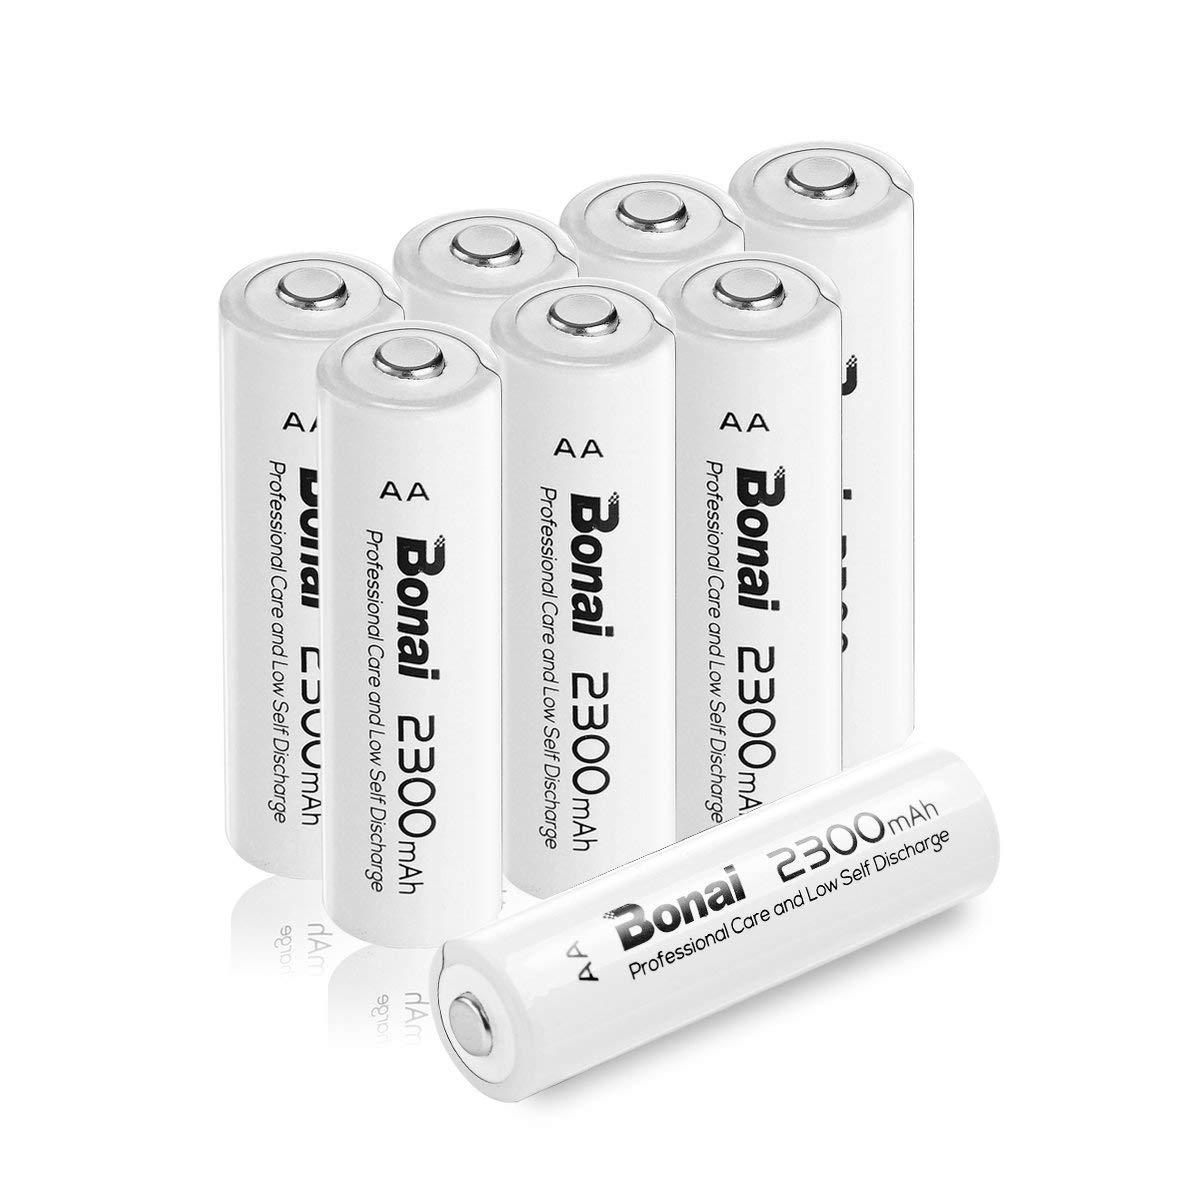 BONAI AA Rechargeable Batteries 2300mAh 1.2V Ni-MH High Capacity (8 Packs) AA Rechargeable Batteries High-Capacity